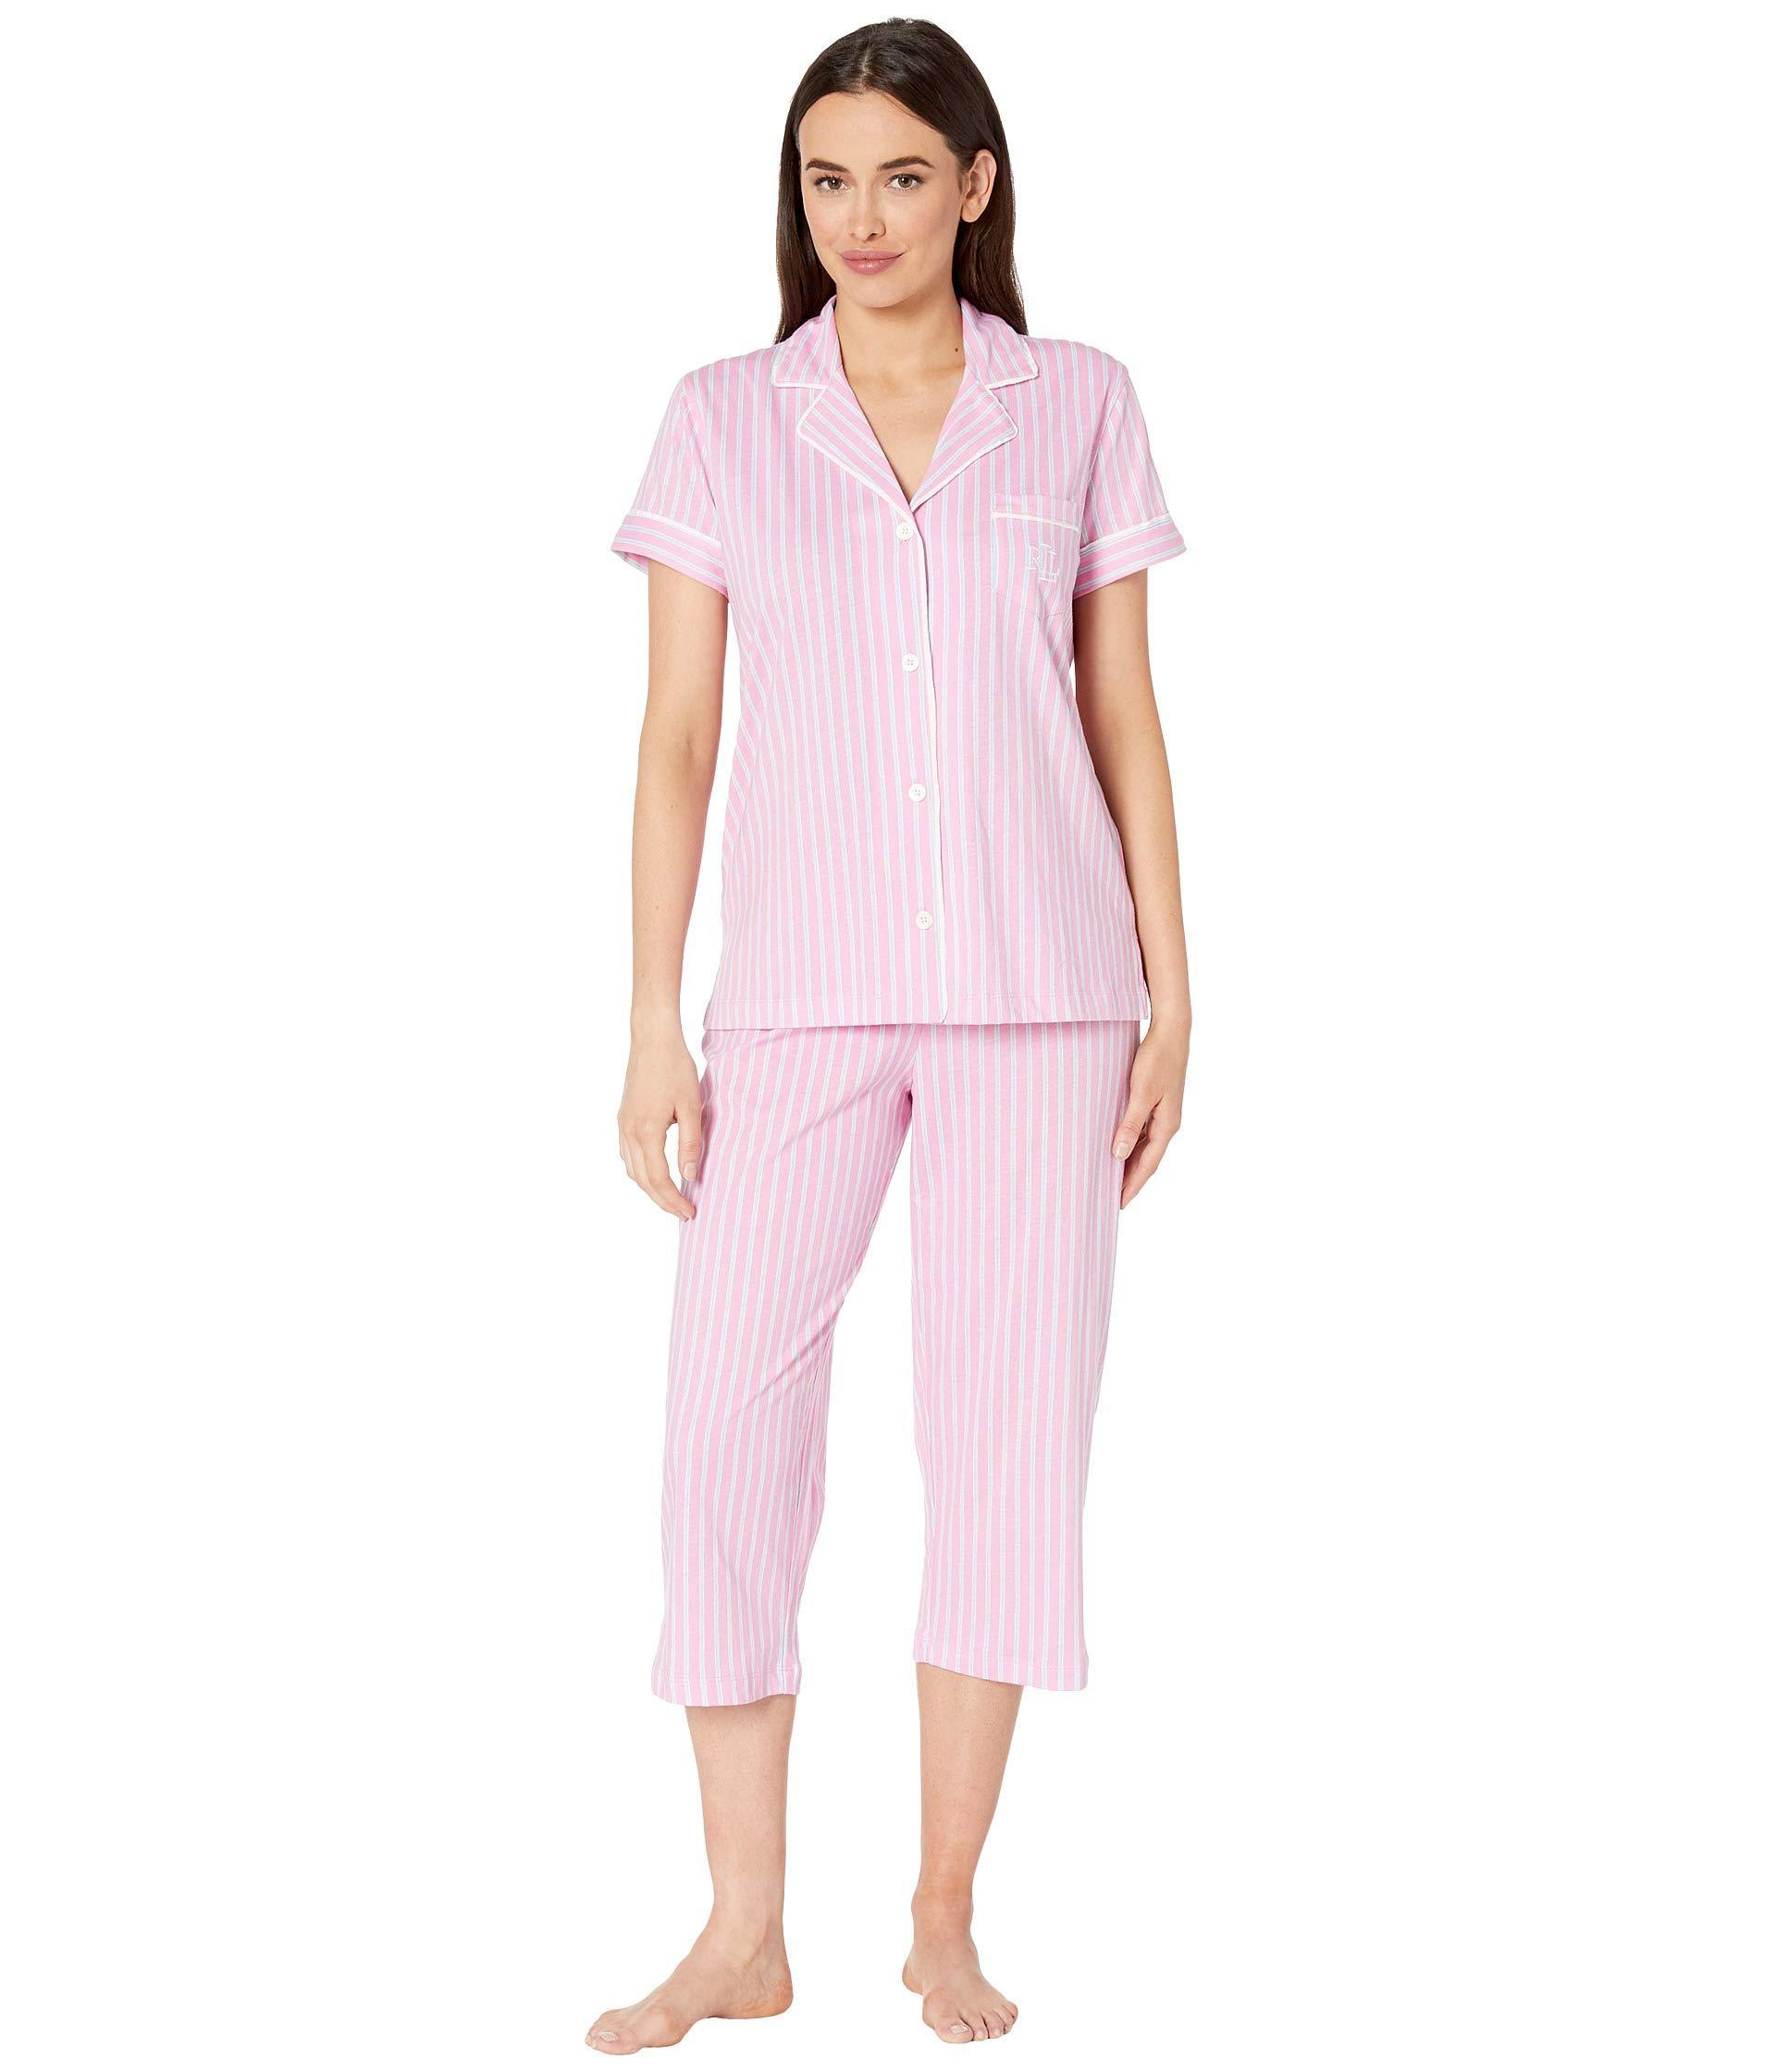 e3ca420e46f Lauren by Ralph Lauren. Short Sleeve Notch Collar Capris Pajama Set (pink  ...